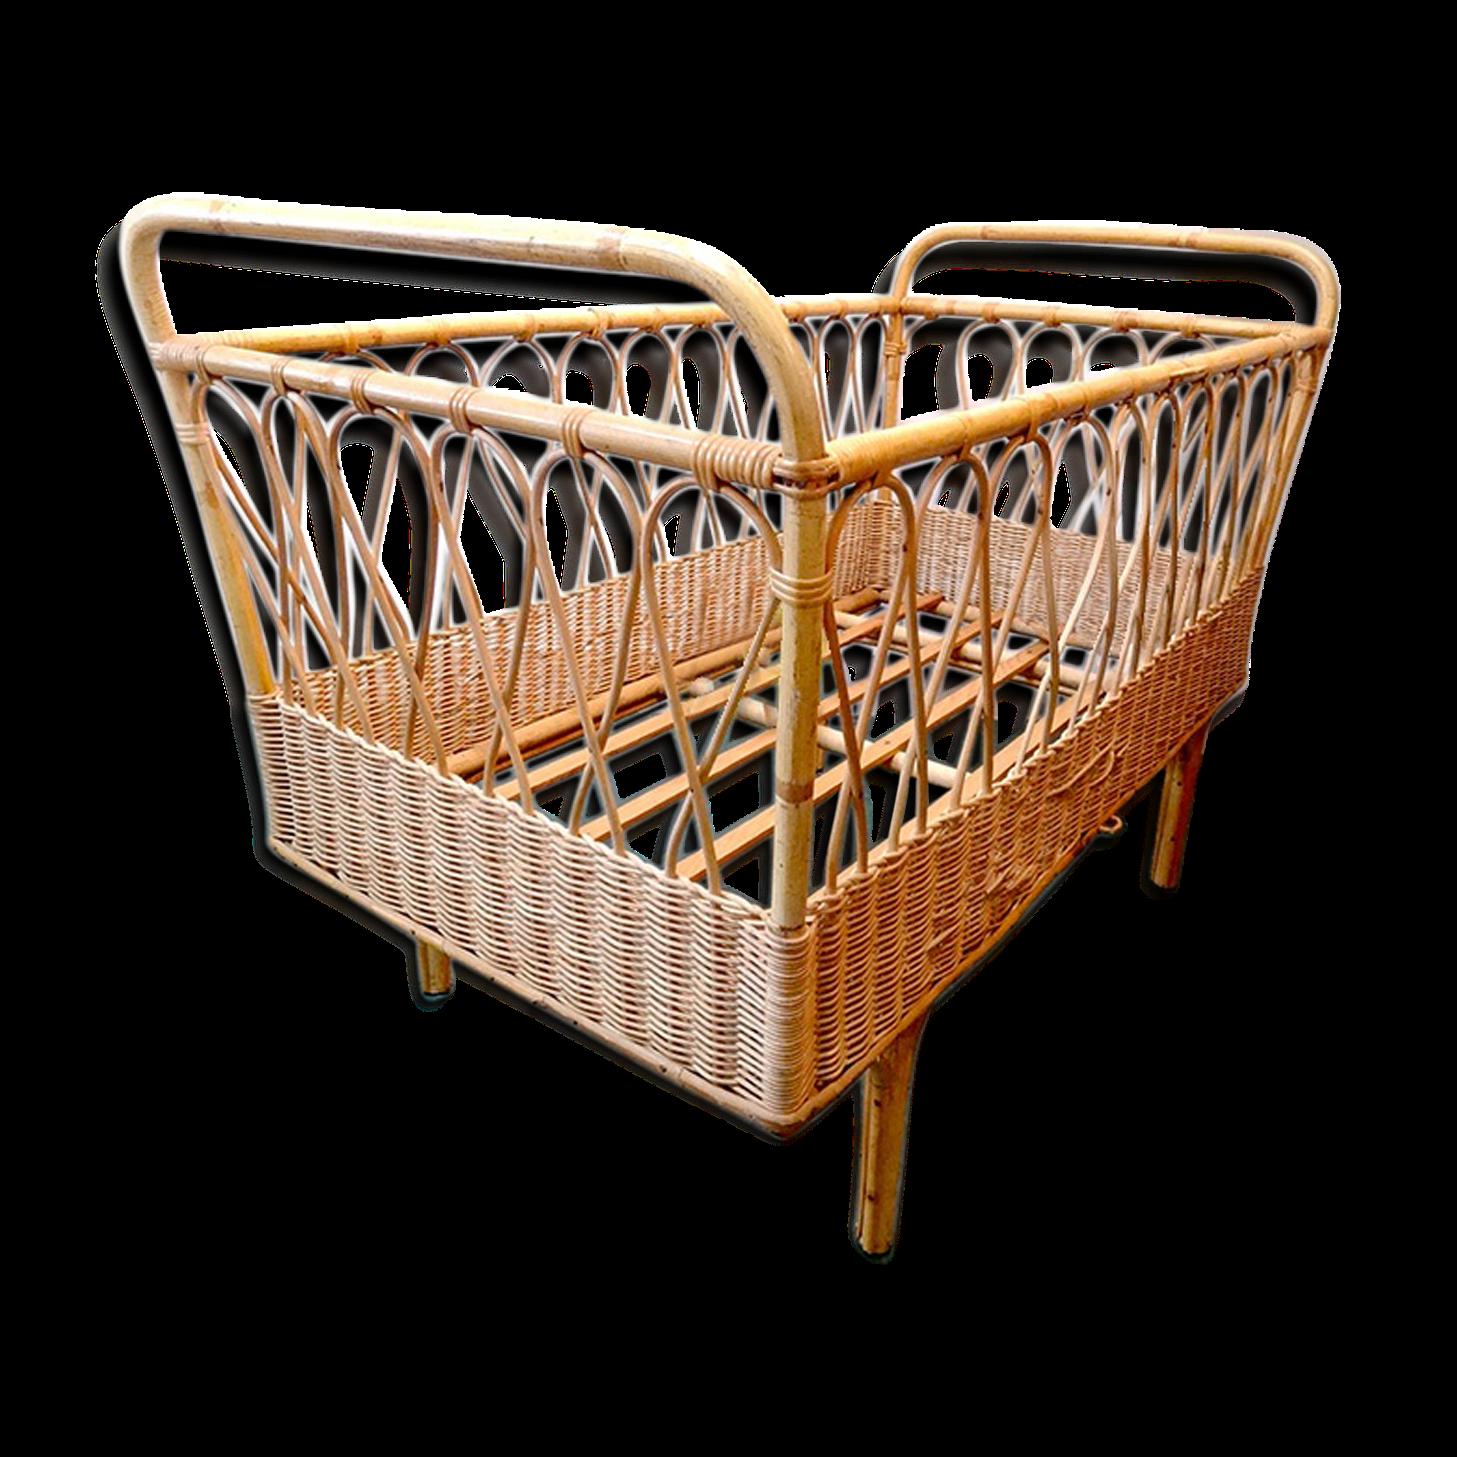 berceau-petit-lit-enfant-design-rotin-vintage_original Meilleur De De Chaise Haute Carrefour Schème